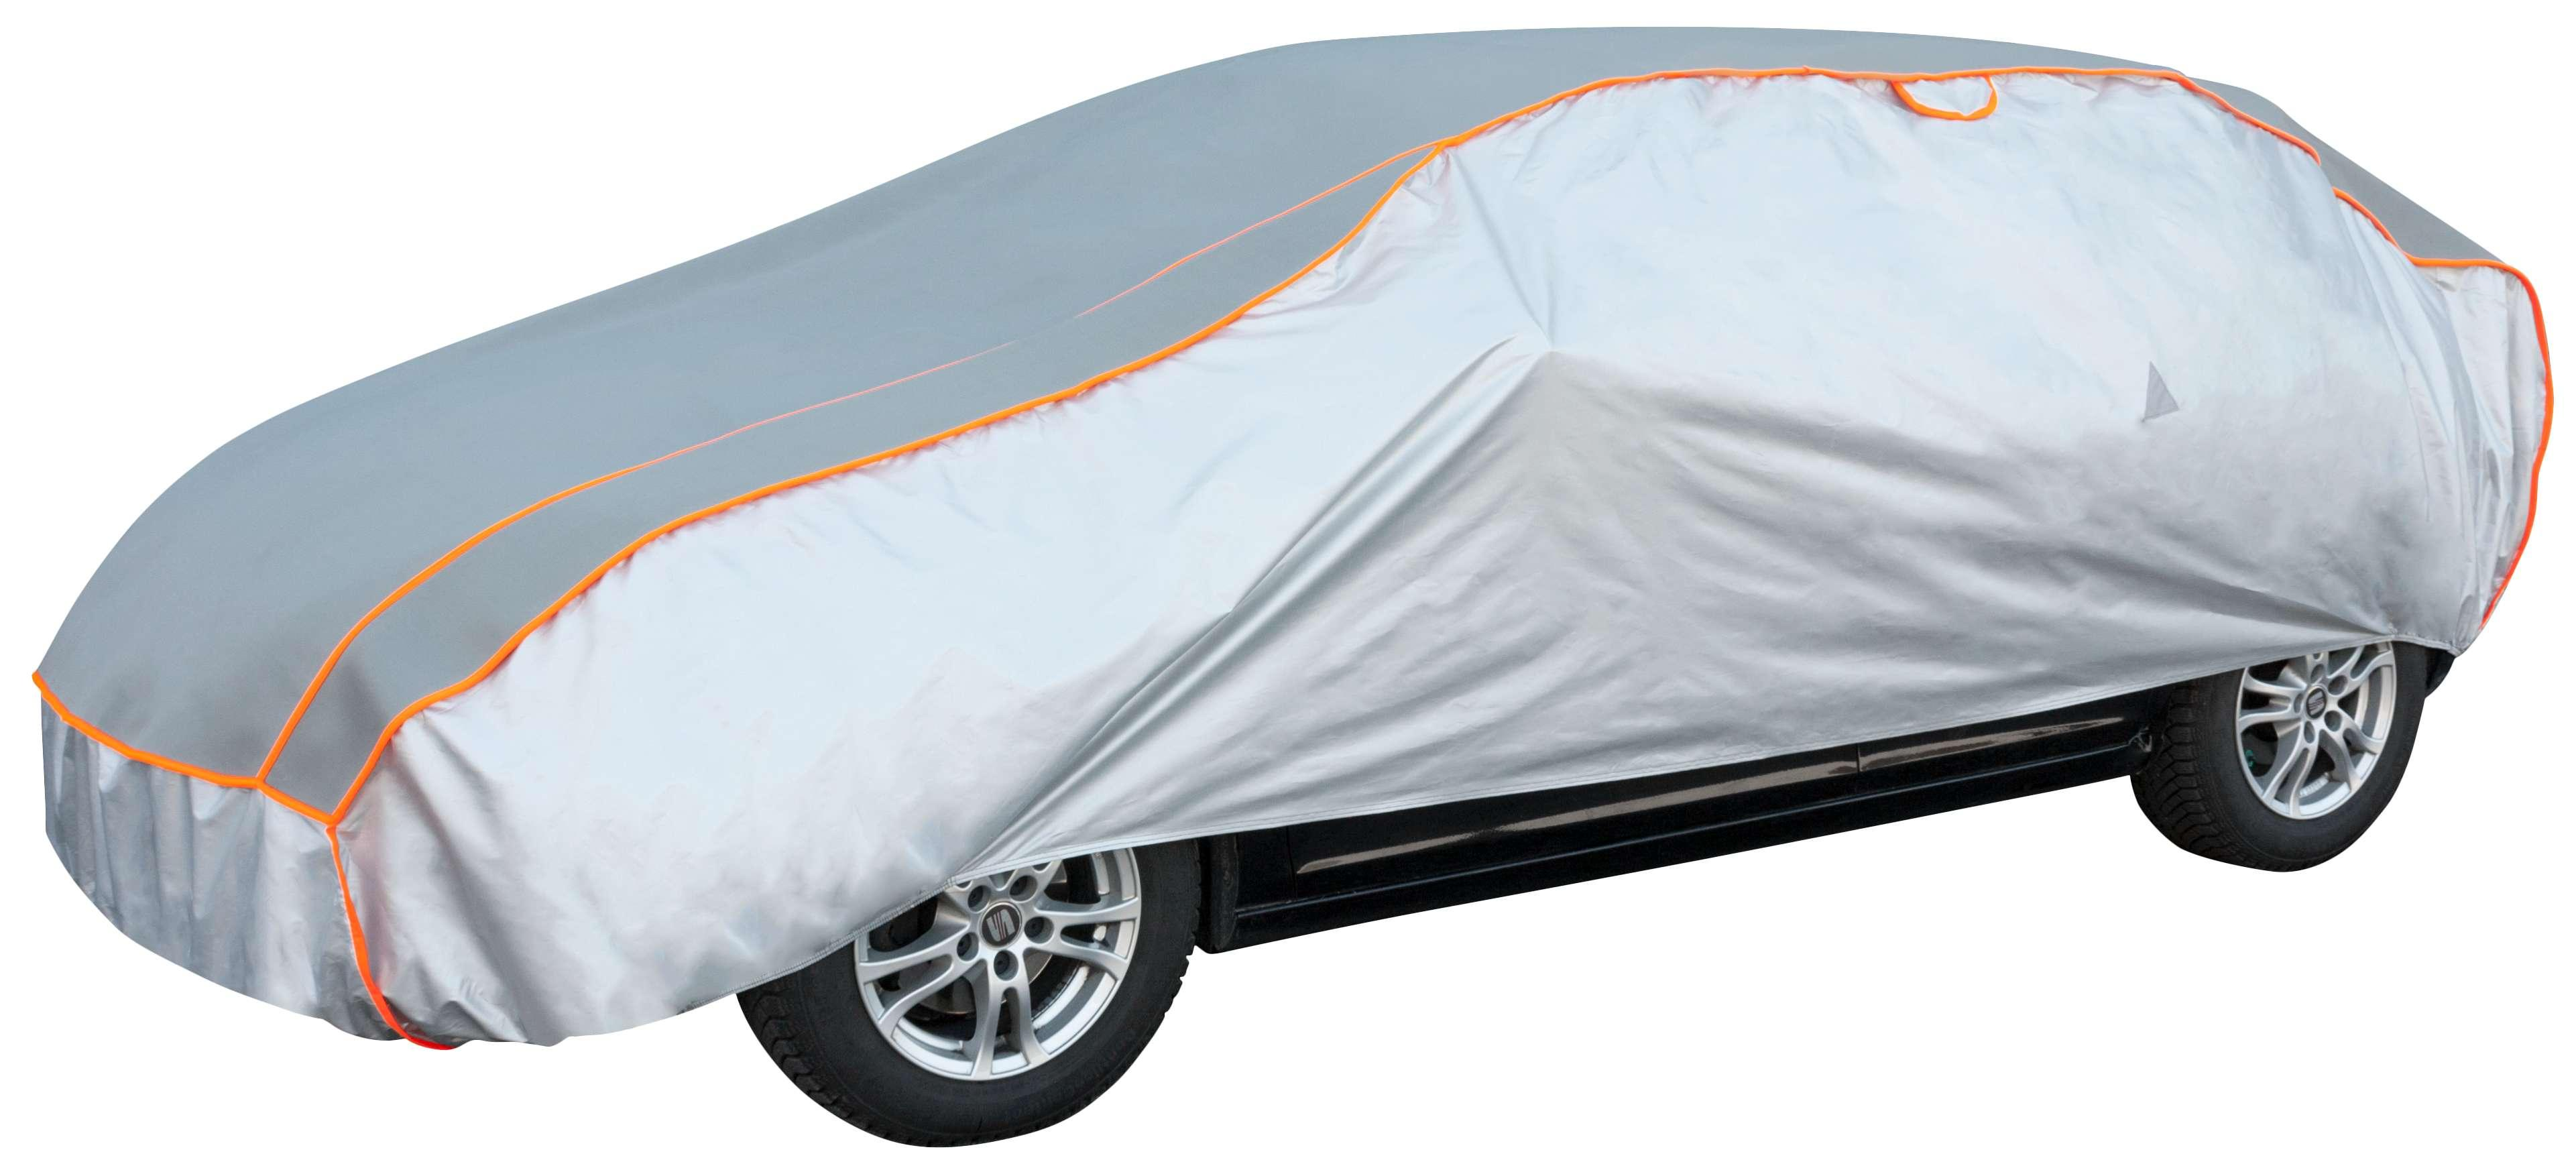 Autoabdeckung 30975 günstige Preise - Jetzt kaufen!